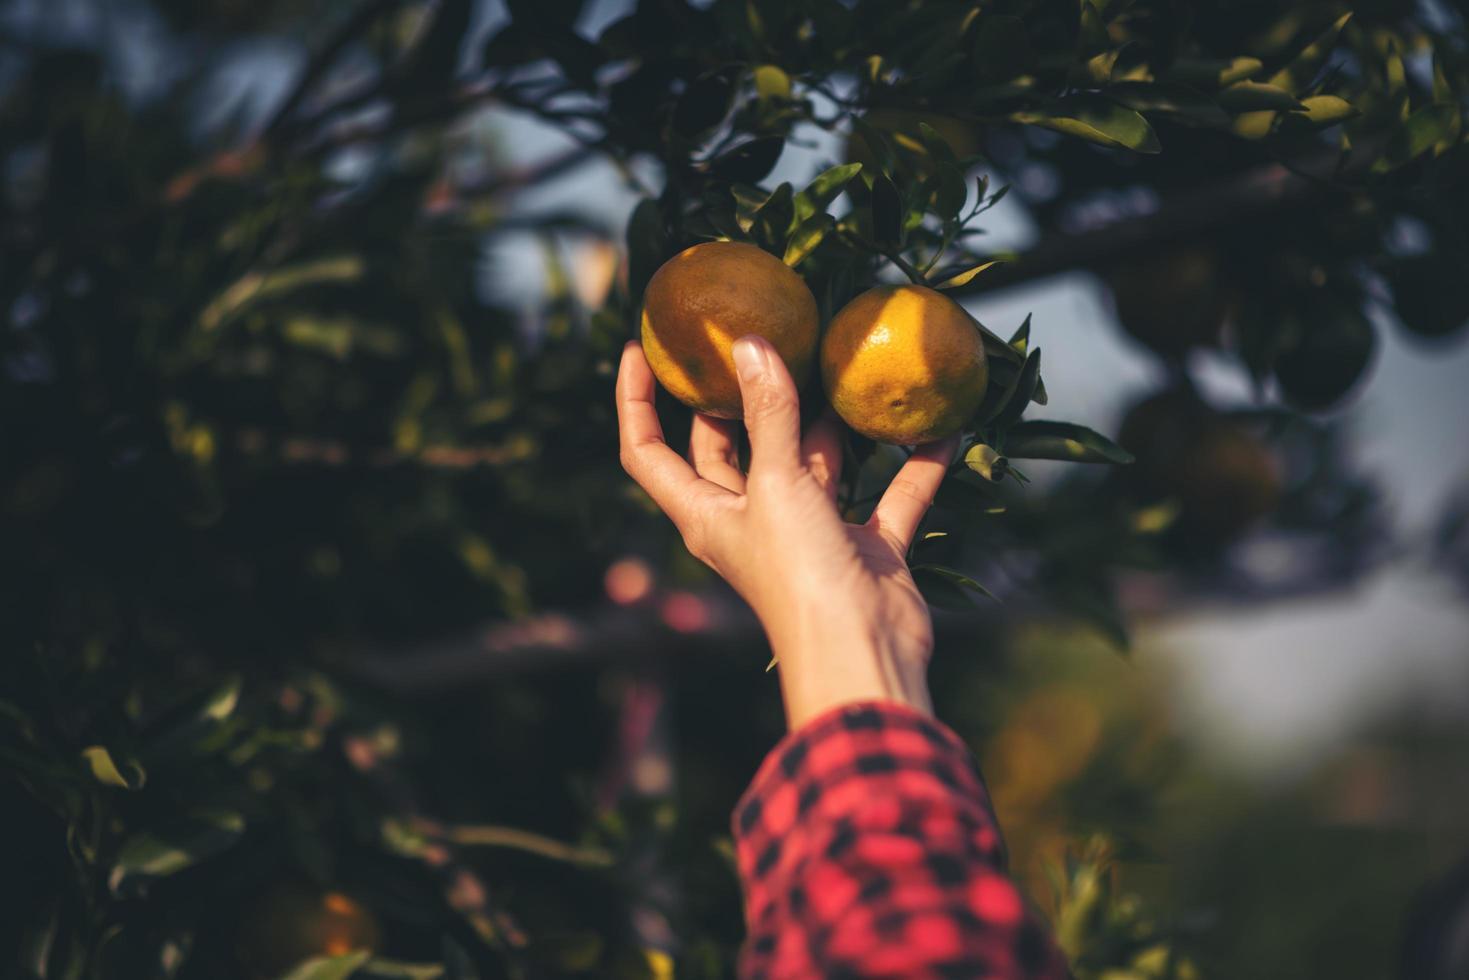 mano sosteniendo naranjas frescas bajo el sol foto